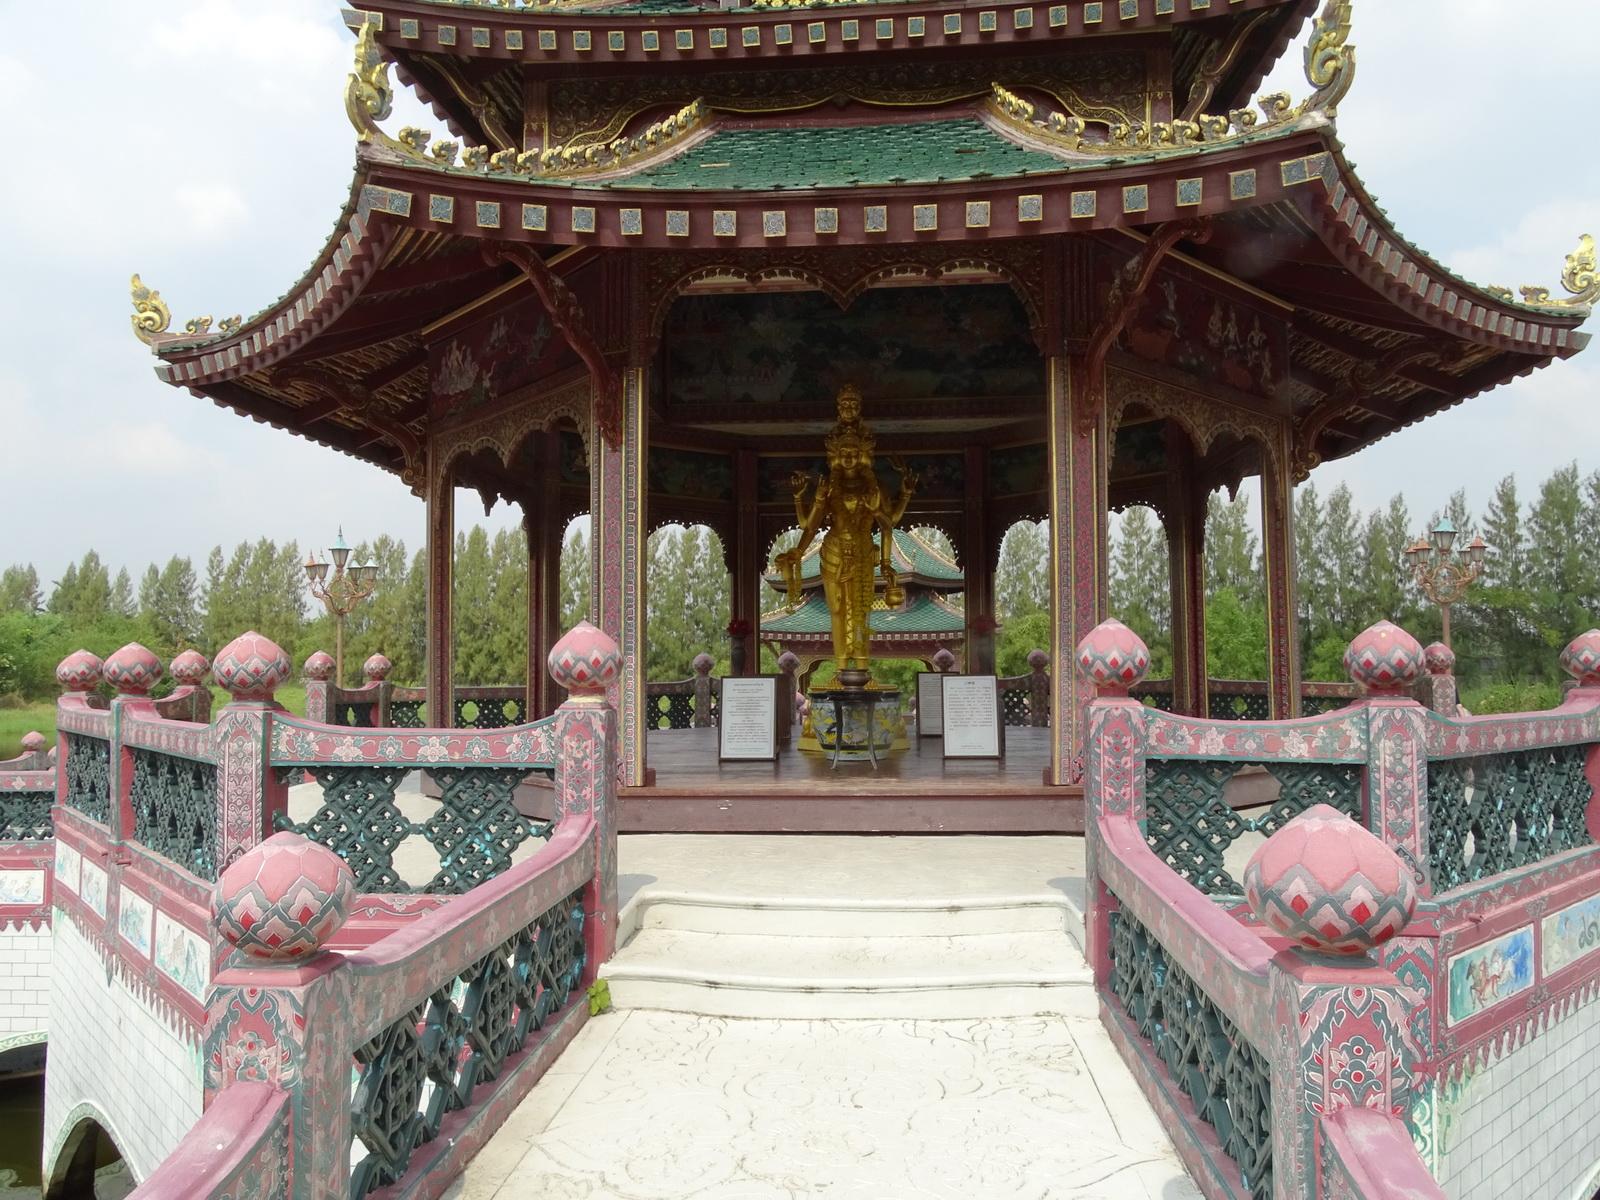 05 Mueang Boran 36